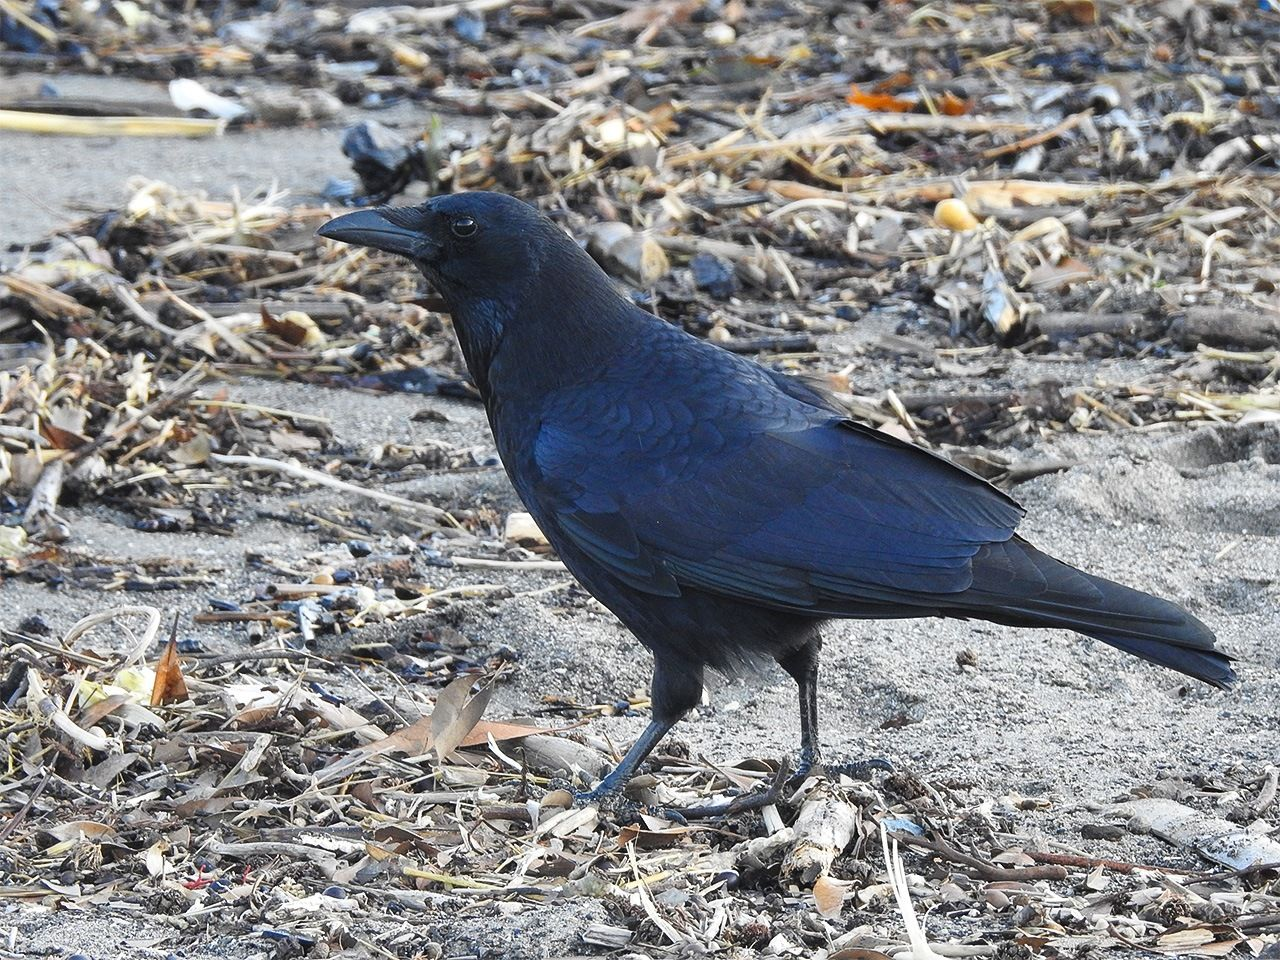 Чёрная ворона. Отличительные признаки: короткий клюв, квакающий голос, некрупное телосложение